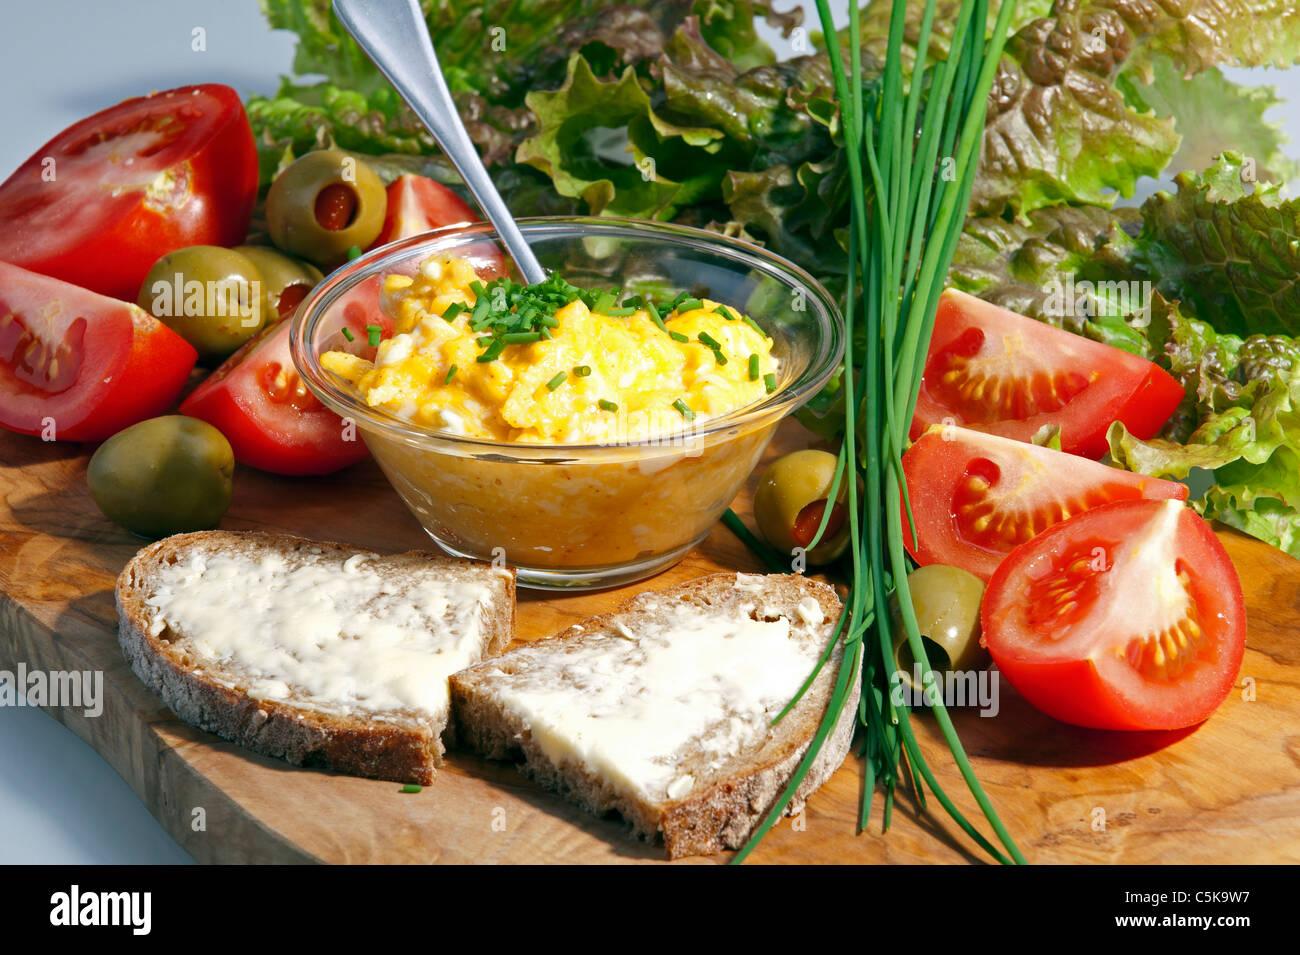 La prima colazione la piastra con uova e pomodori Immagini Stock